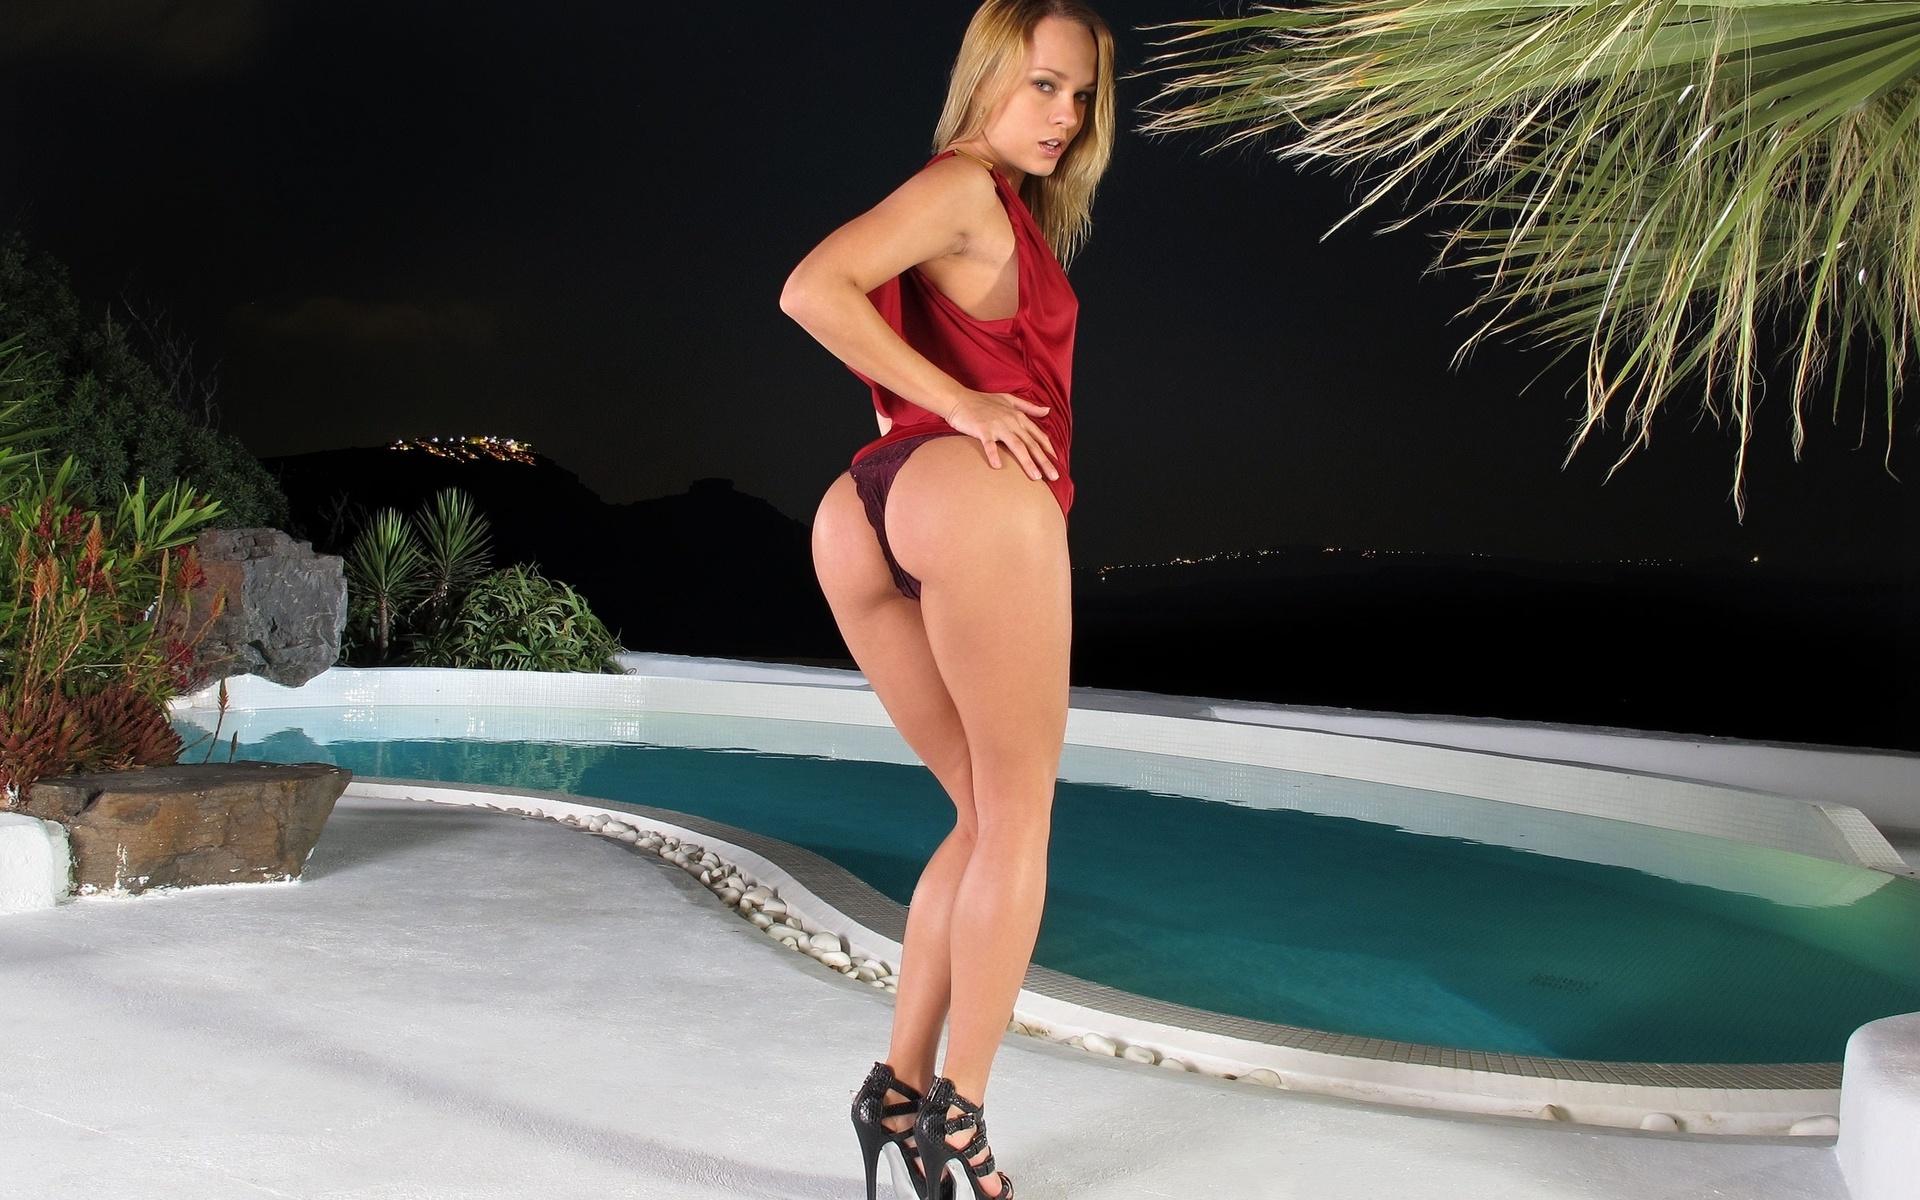 Челси блю порнозвезда 10 фотография